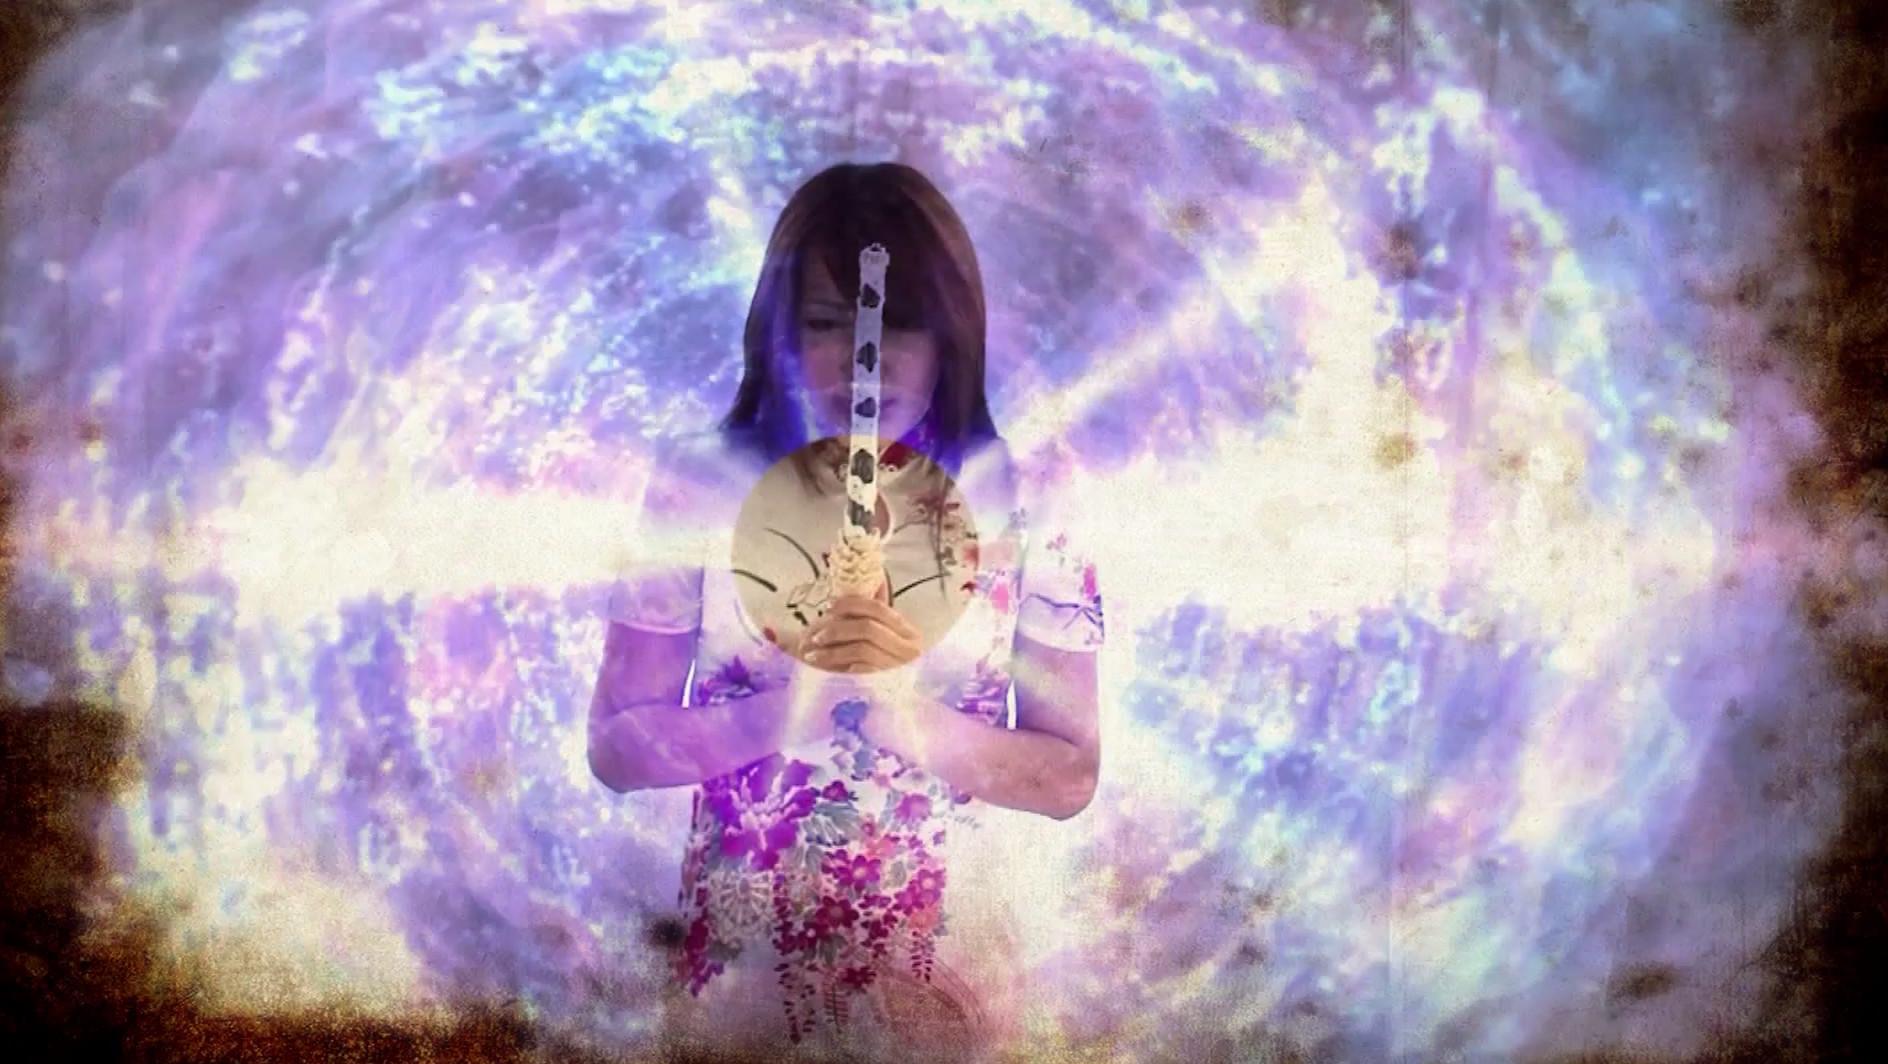 チャイナドレスのGカップ霊能者に色情霊が憑依!開いたマ●コに・・・ 主演:大友杏璃 画像3